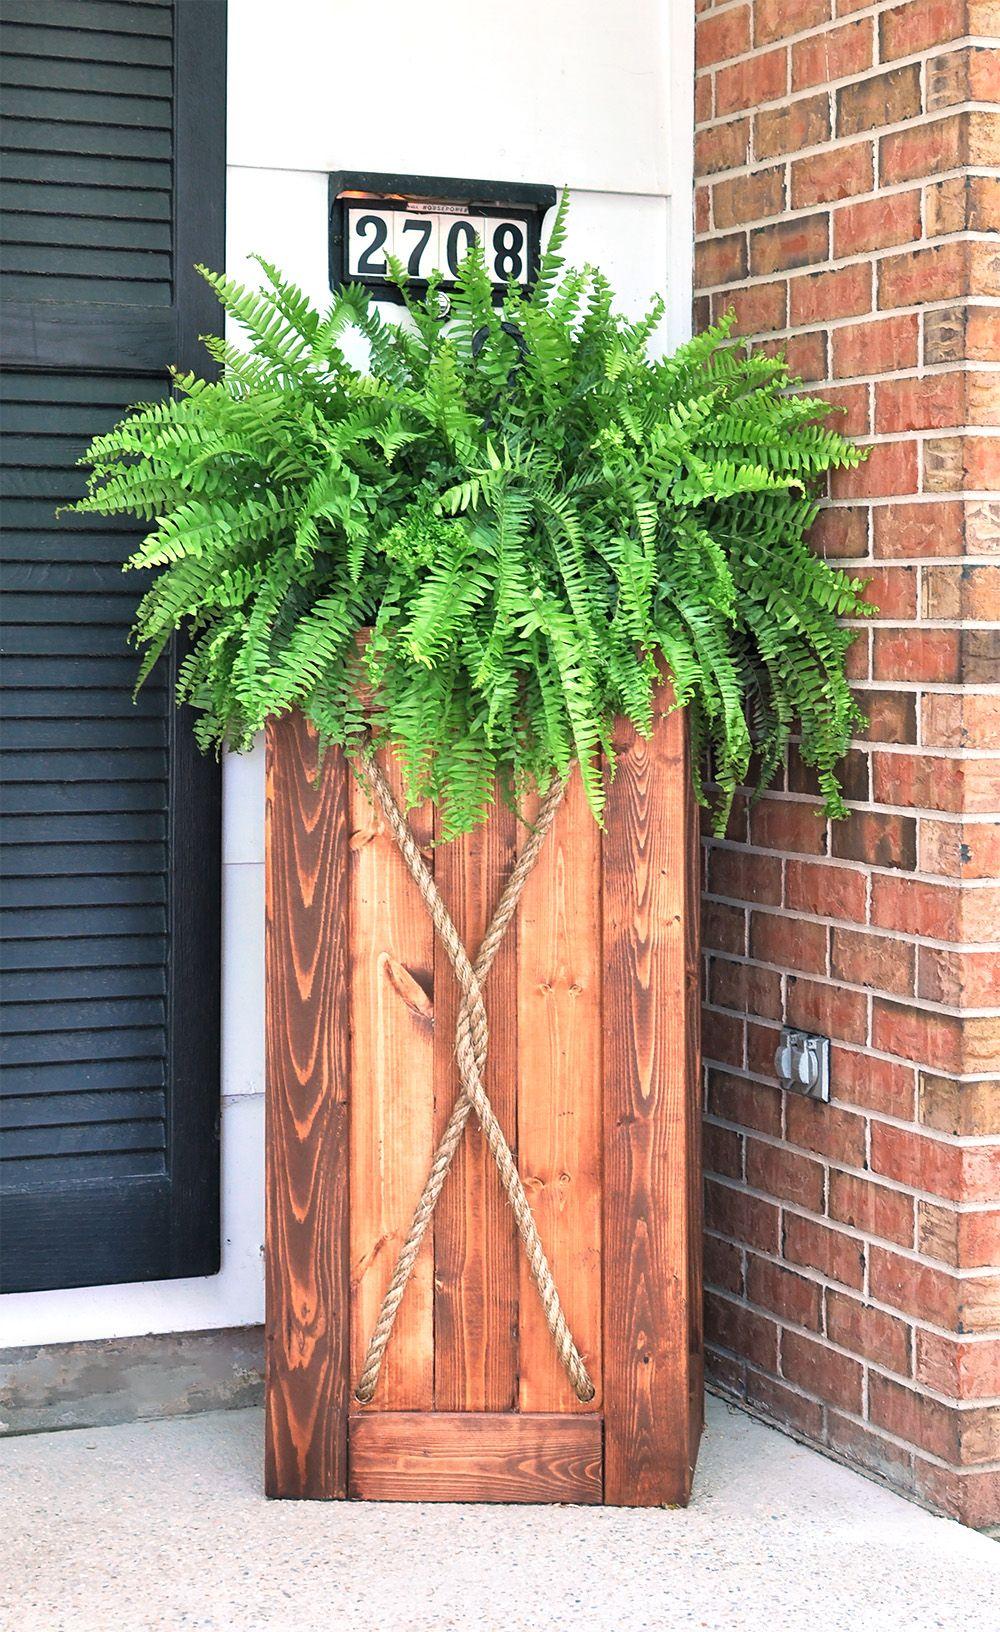 Diy 3 Foot Tall Entrance Planter The Homestead Survival Diy Wooden Planters Diy Planters Wooden Crates Garden